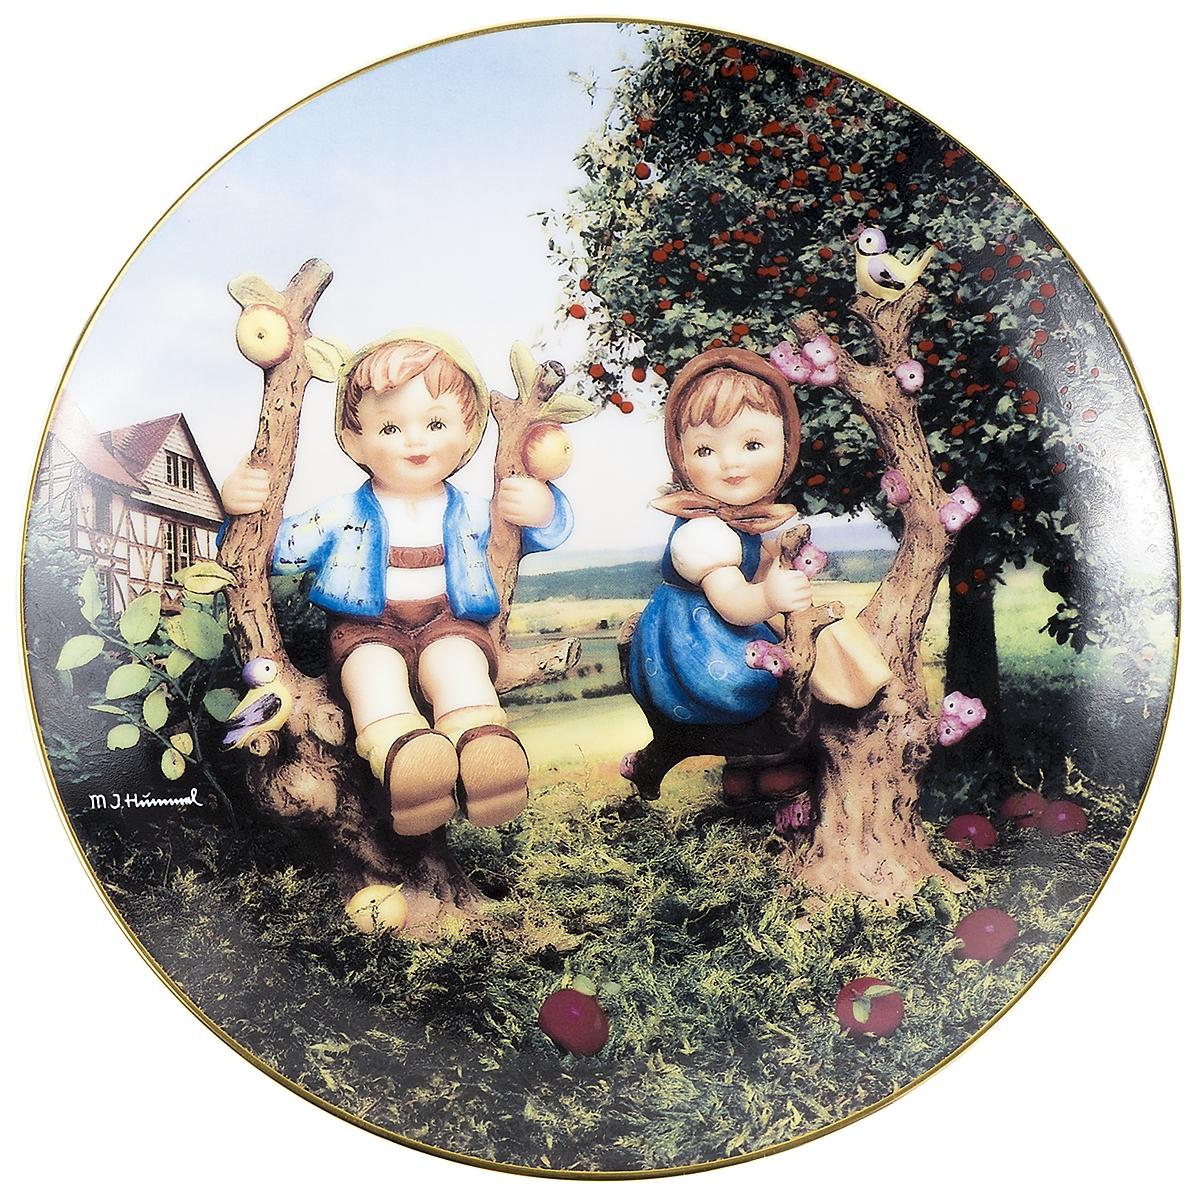 Декоративная тарелка Goebel Мальчик и девочка на яблоне. Фарфор, деколь, золочение. Швейцария, вторая половина ХХ века чайный сервиз сорренто на 3 персоны 12 предметов фарфор деколь золочение royal albert великобритания вторая половина хх века